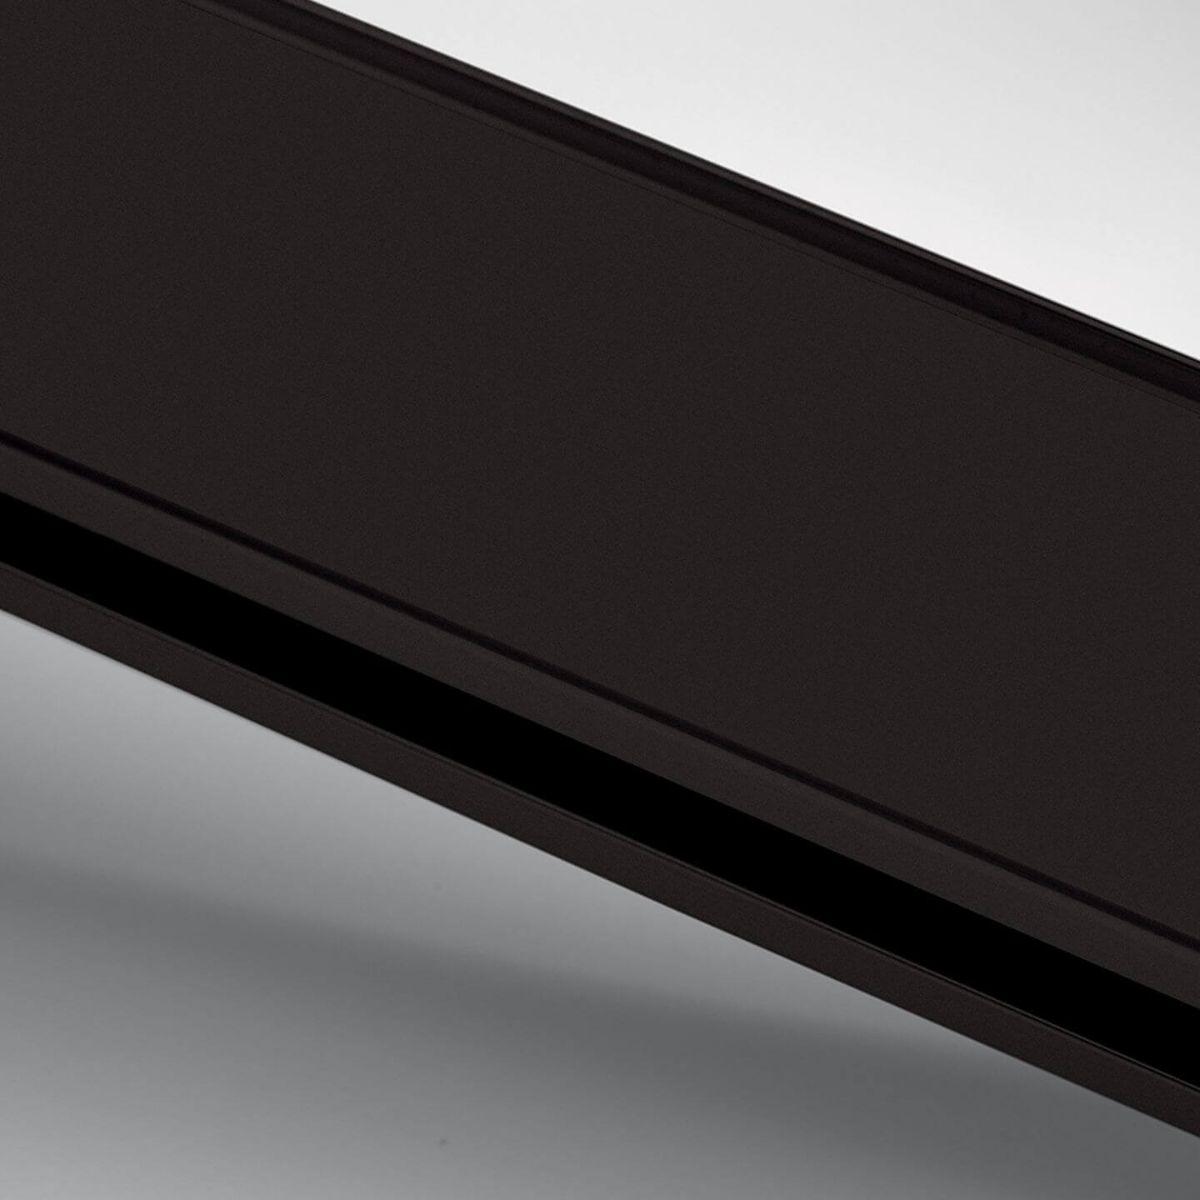 Finitura alluminio anodizzato dark brown per parete in vetro